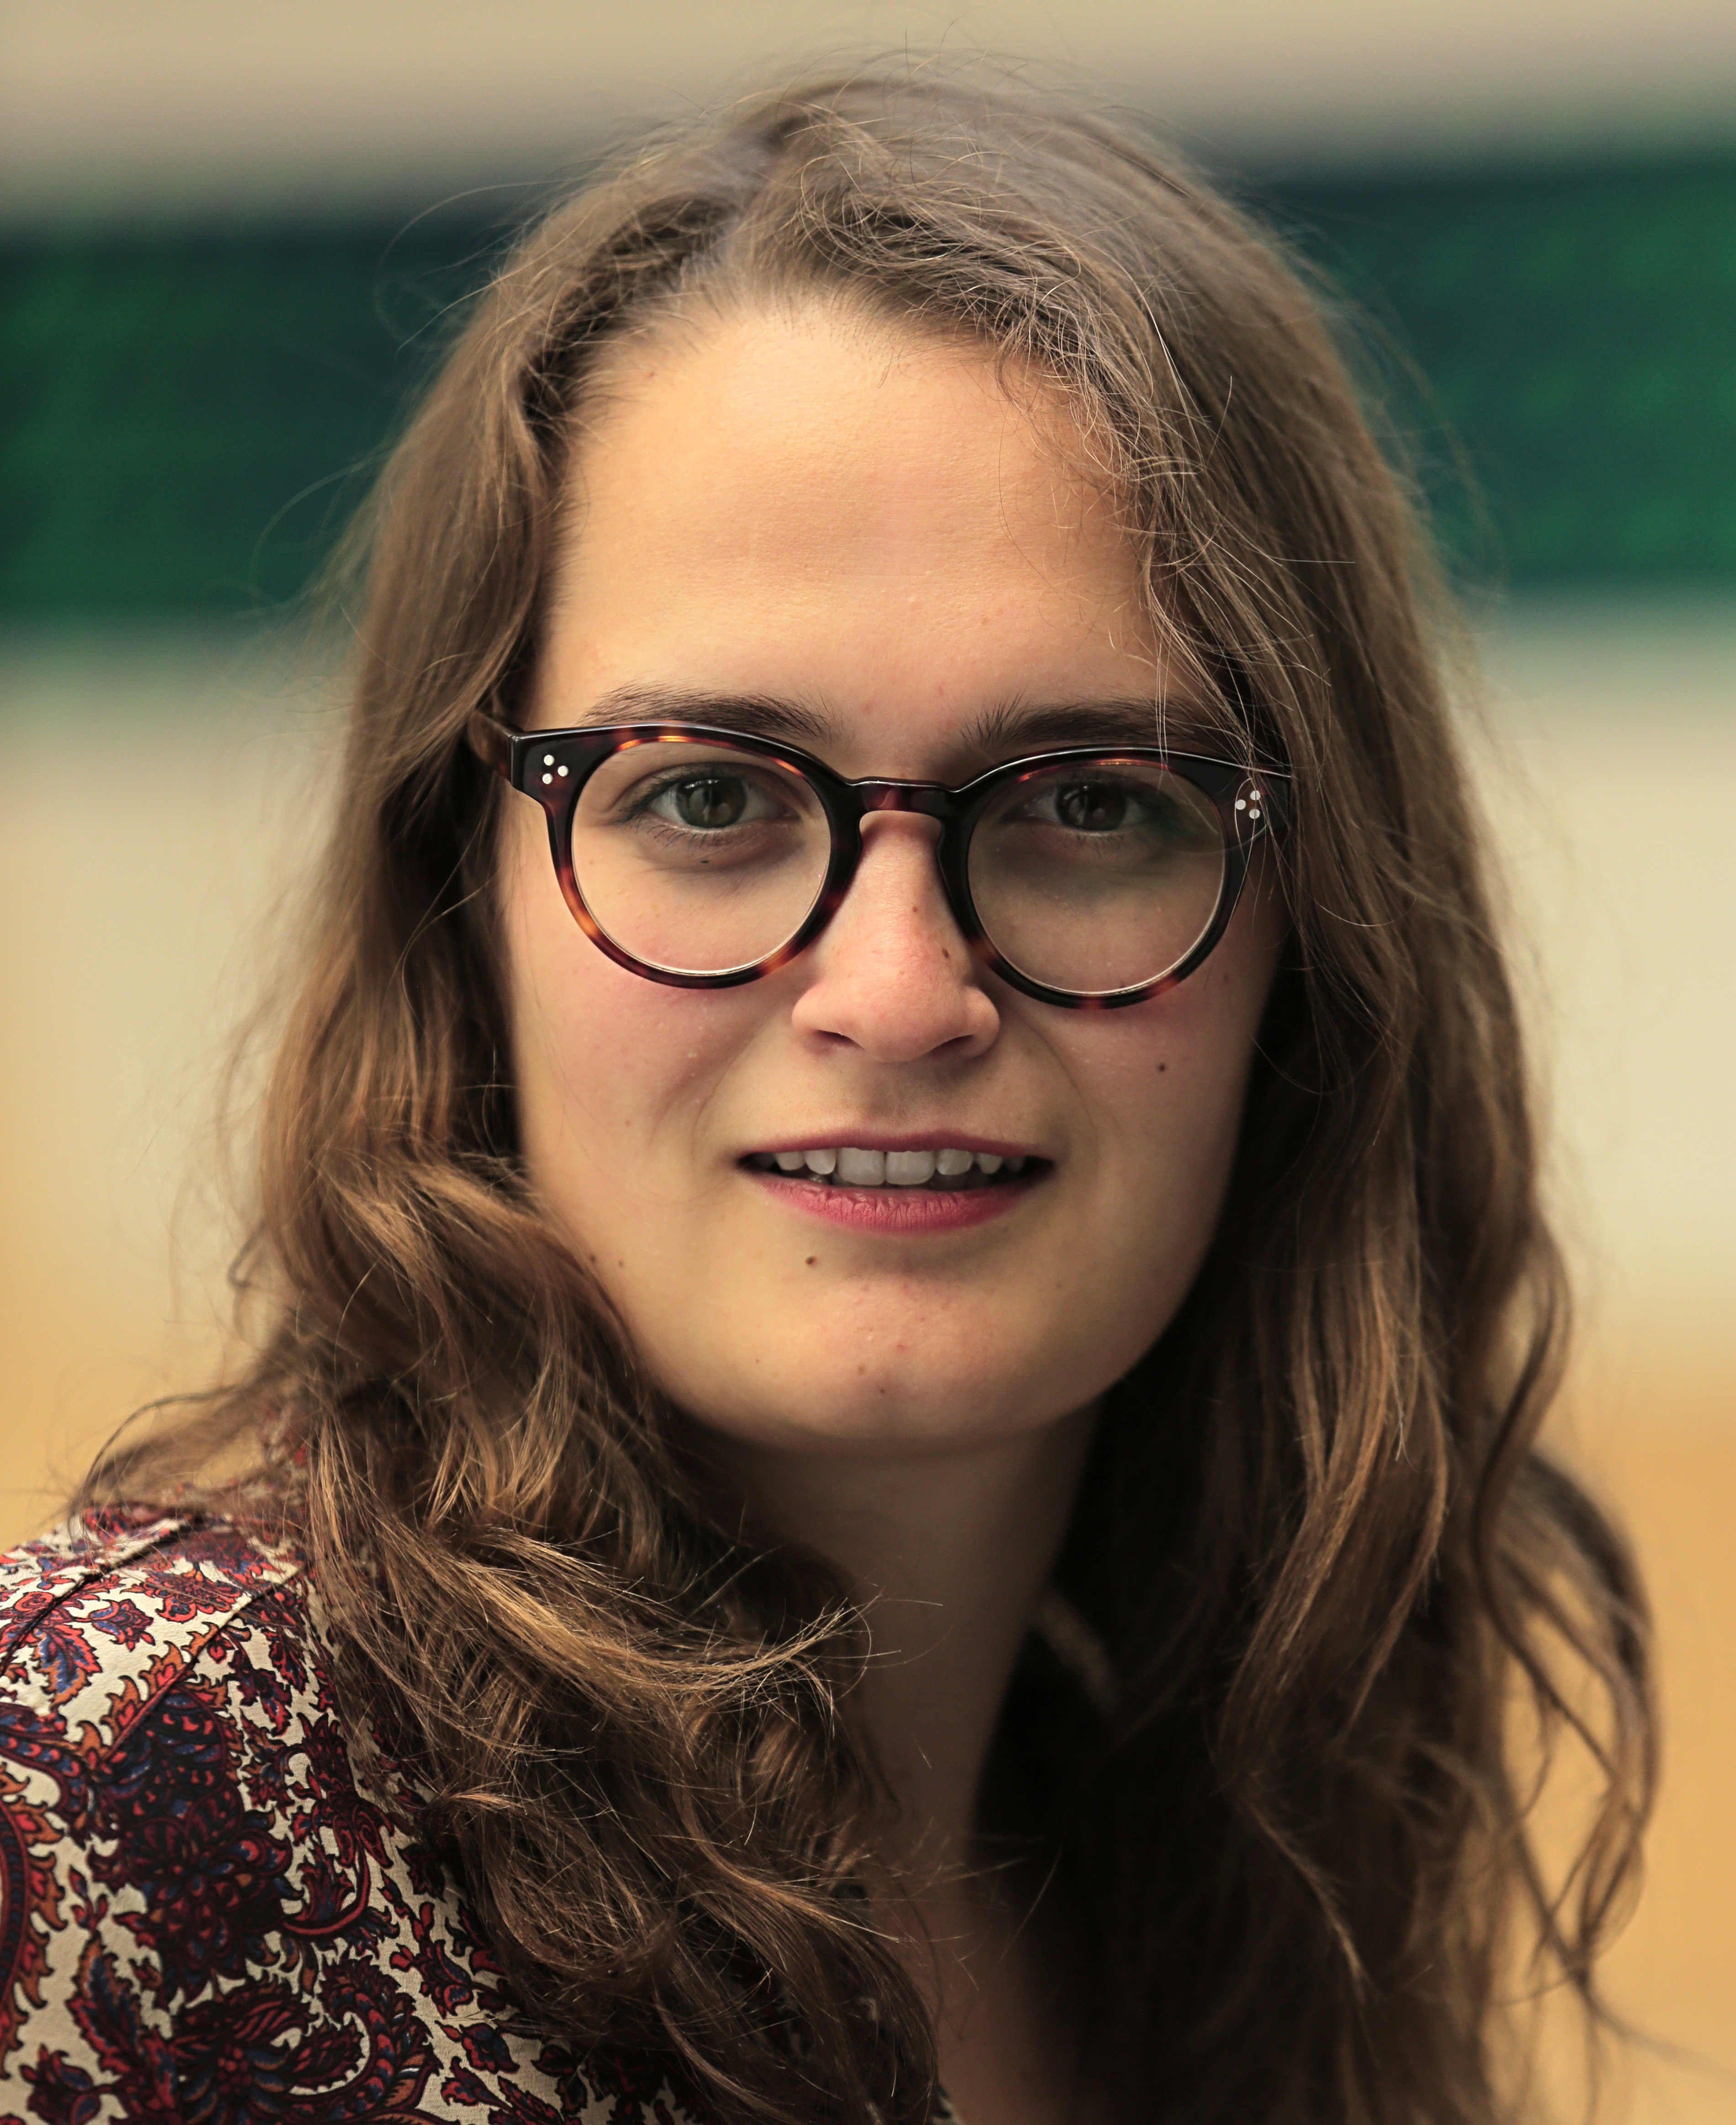 Von Indien bis Finnland: Digitale Bildung weltweit entdecken – mit Svenia Busson